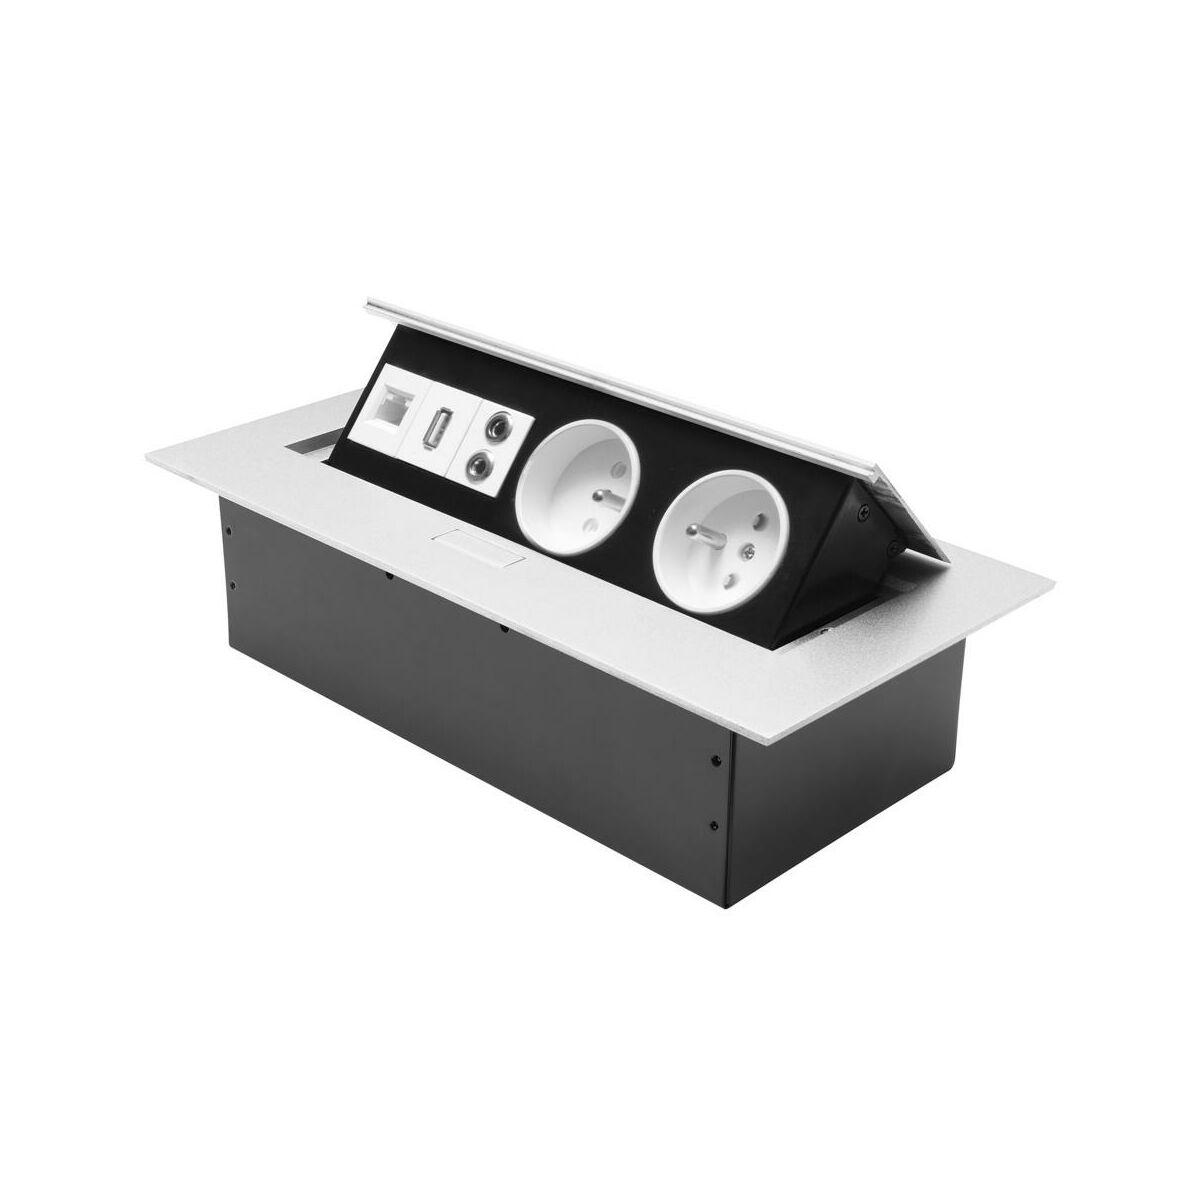 Gniazdo Blatowe 2x2p Z 2usb Audio Przedluzacze Domowe W Atrakcyjnej Cenie W Sklepach Leroy Merlin